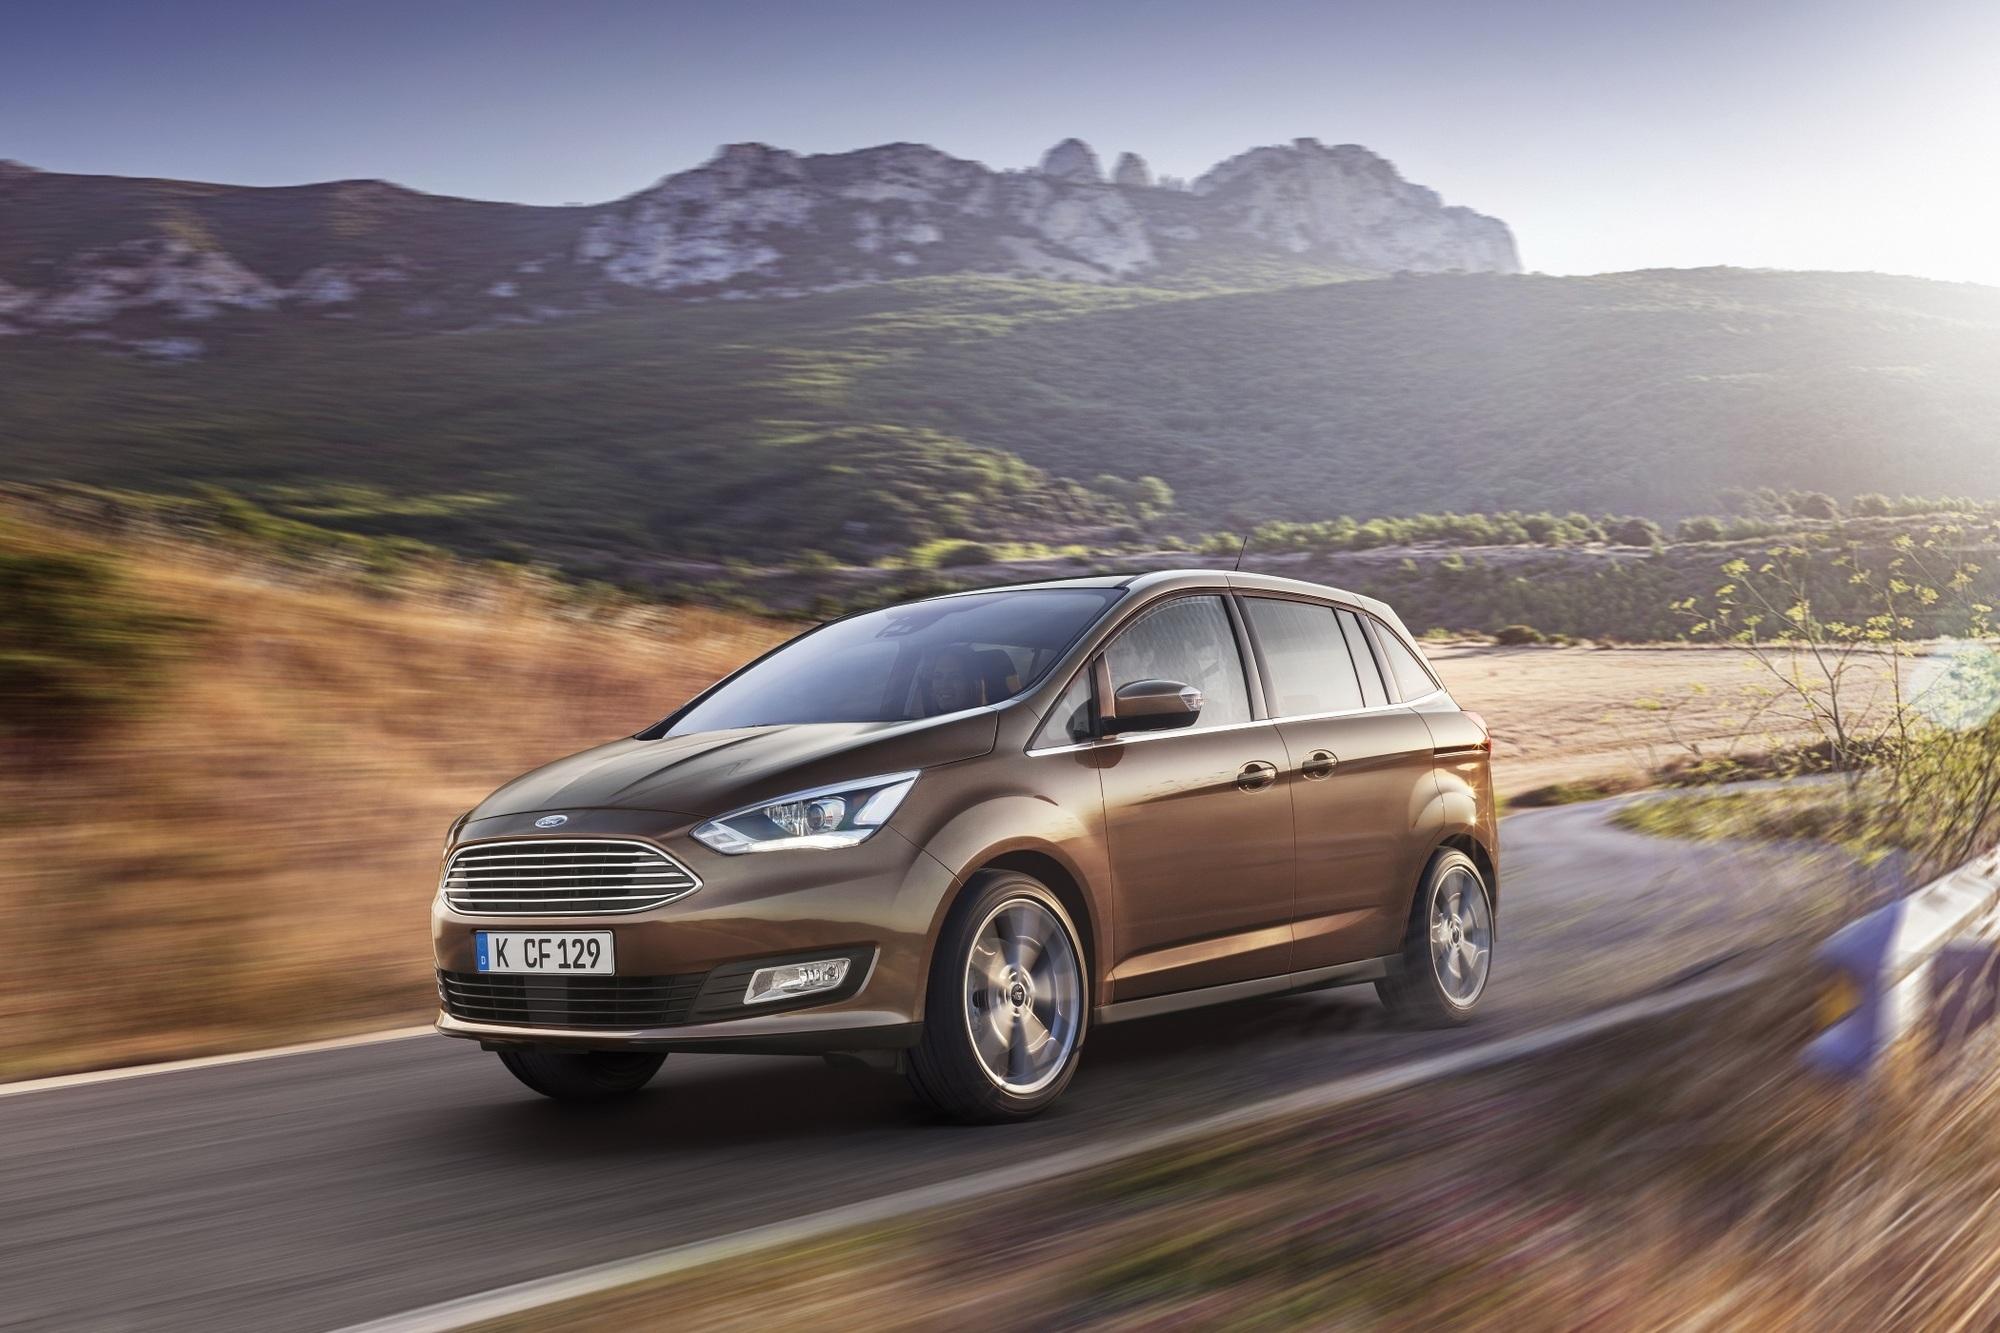 Fahrbericht: Ford C-Max/Grand C-Max - Deutlicher Ford-Schritt